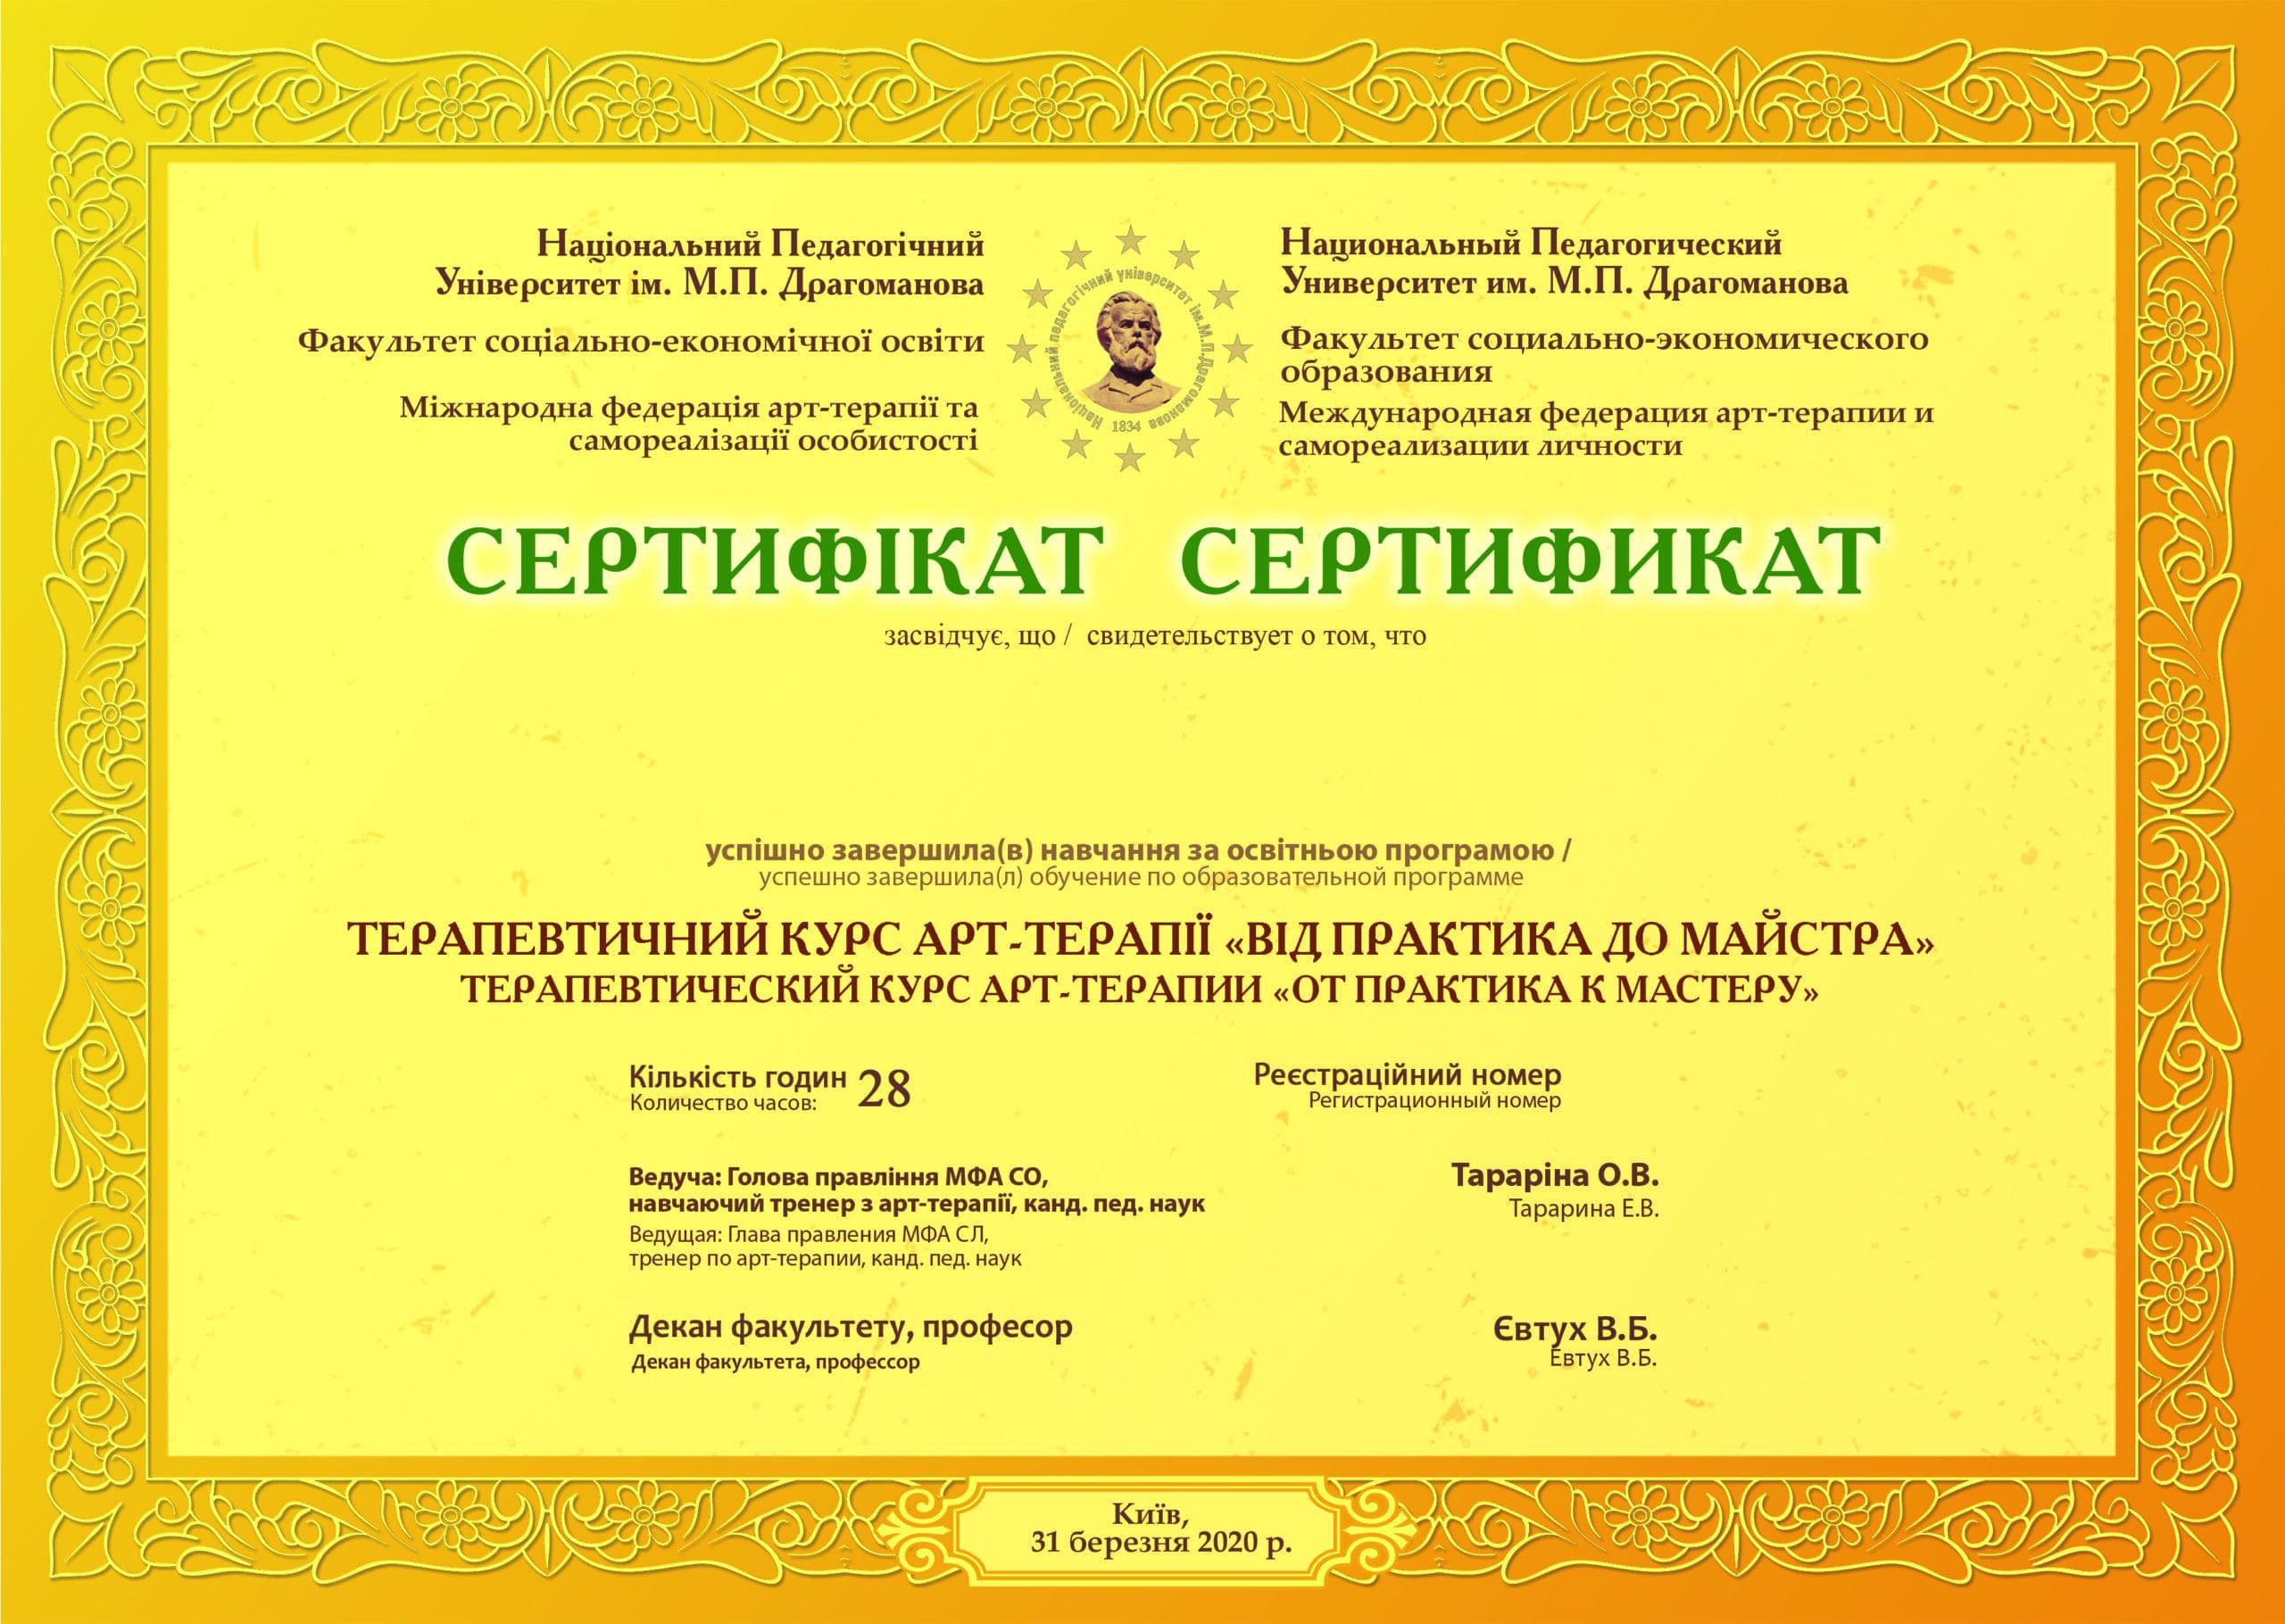 от Национального Педагогического Университета имени М.П. Драгоманова ( на украинском и русском языке )